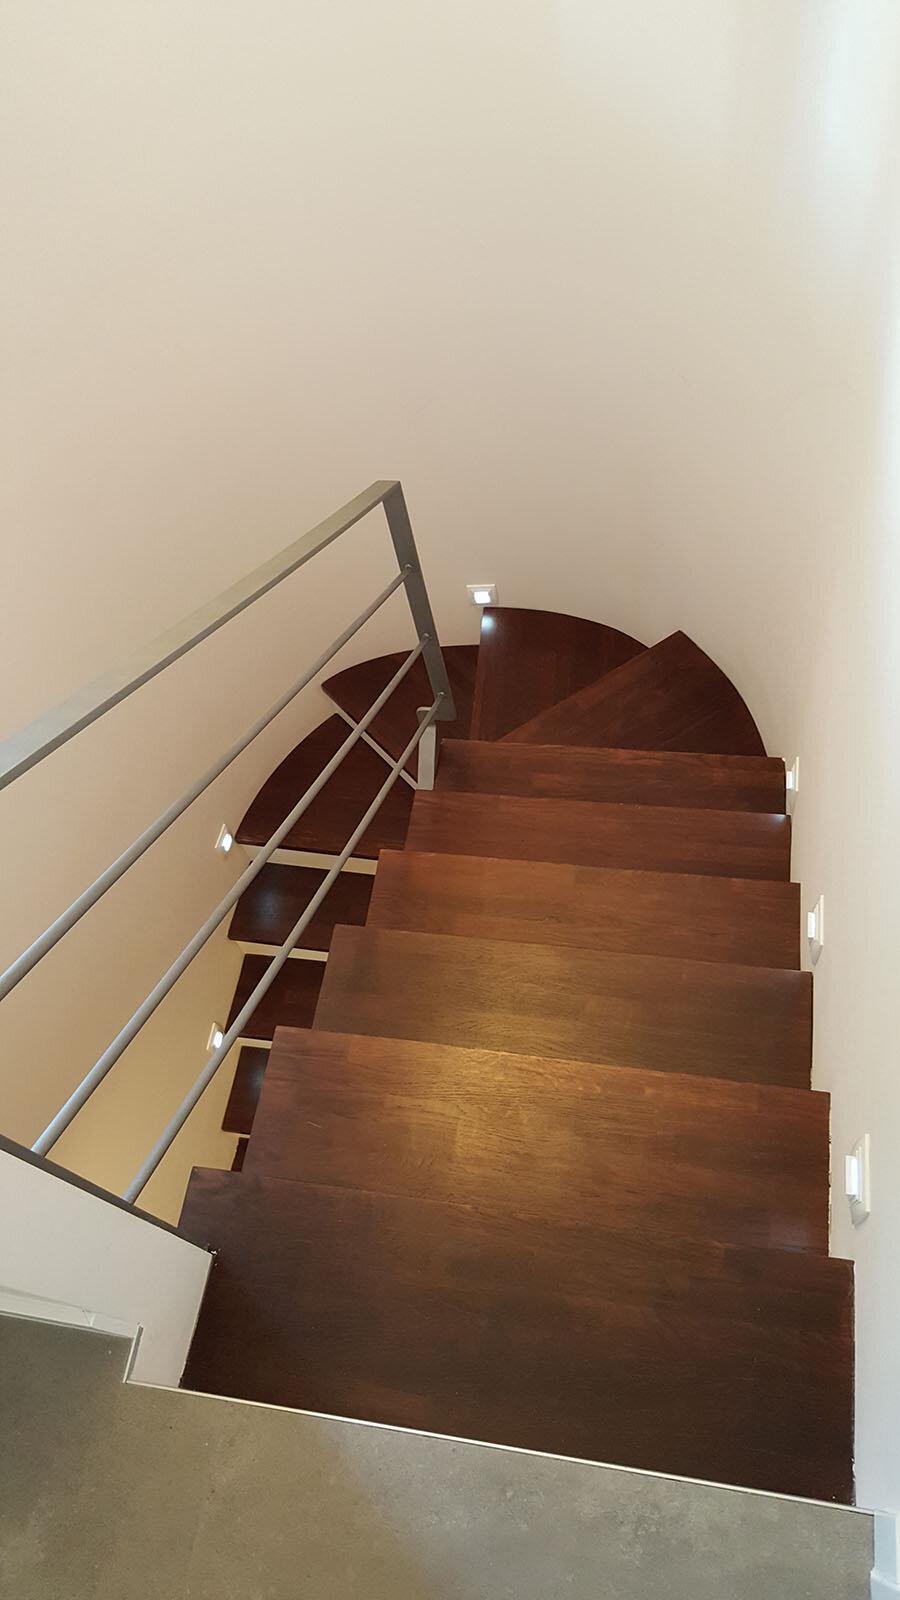 Fotografía de estado reformado: La escalera resultante es más amplia y tiene escalones más cómodos.